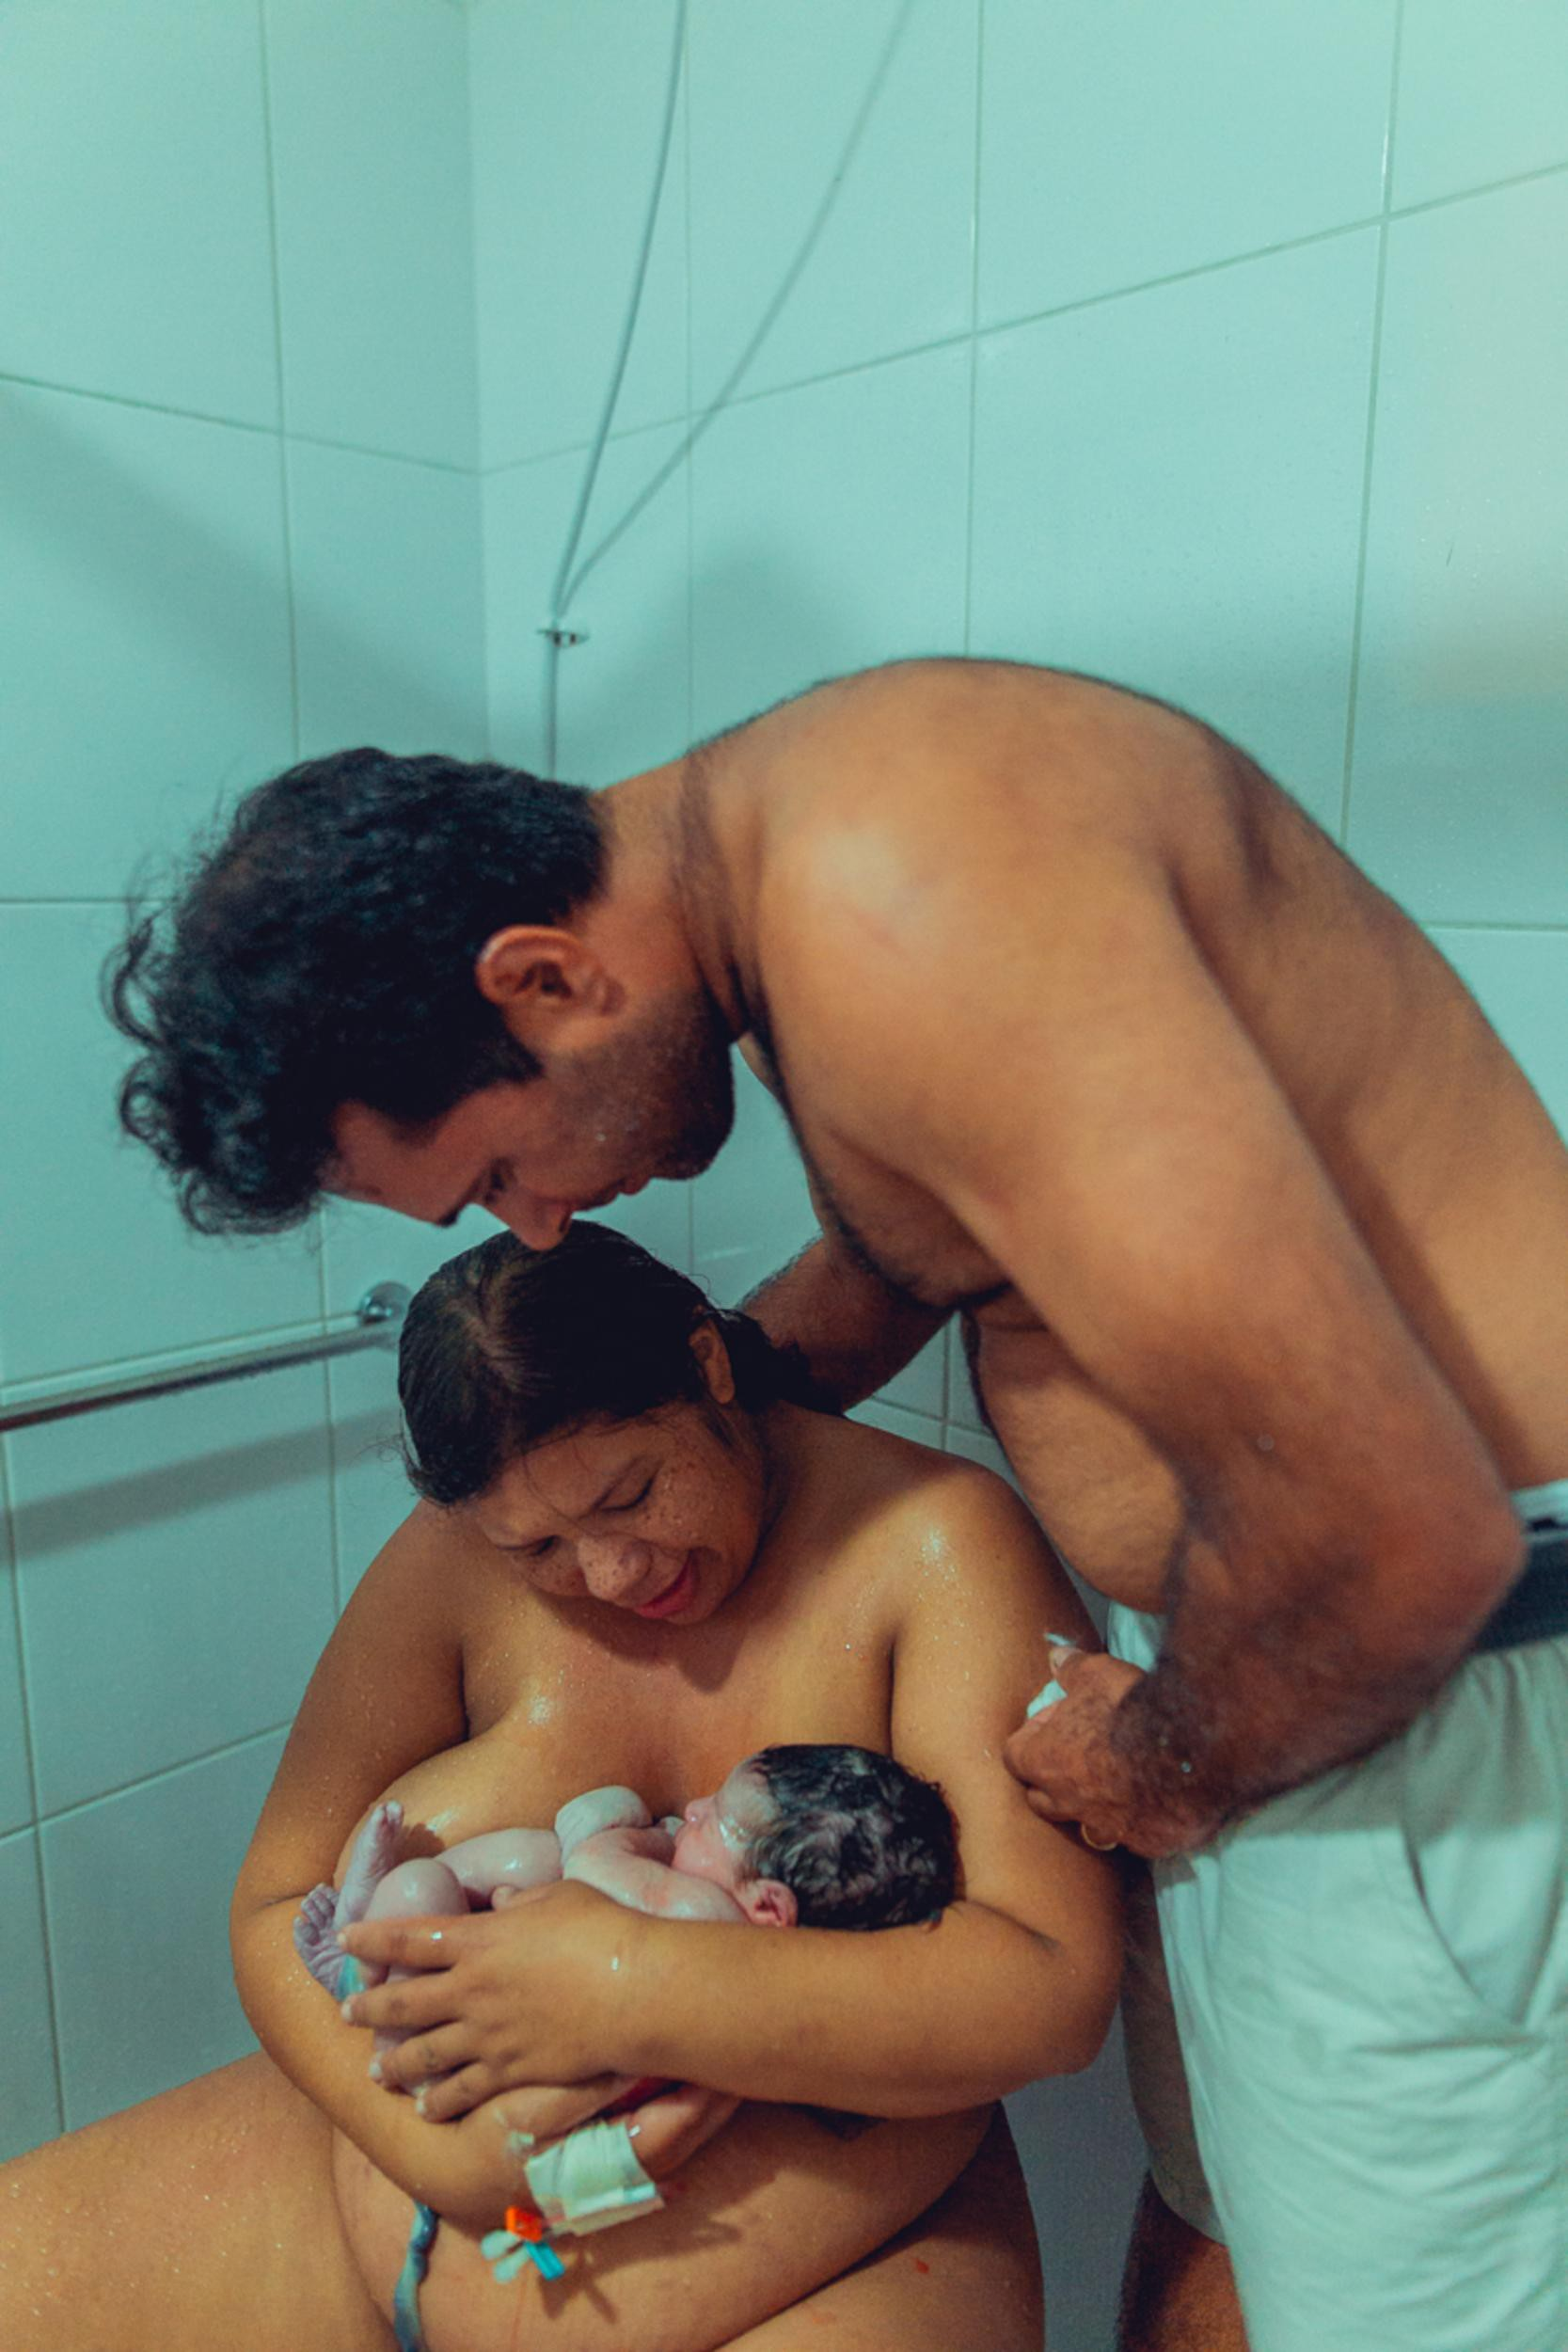 Hình ảnh sản phụ liếm con vừa chào đời gây tranh cãi dữ dội trên MXH quốc tế - Ảnh 3.